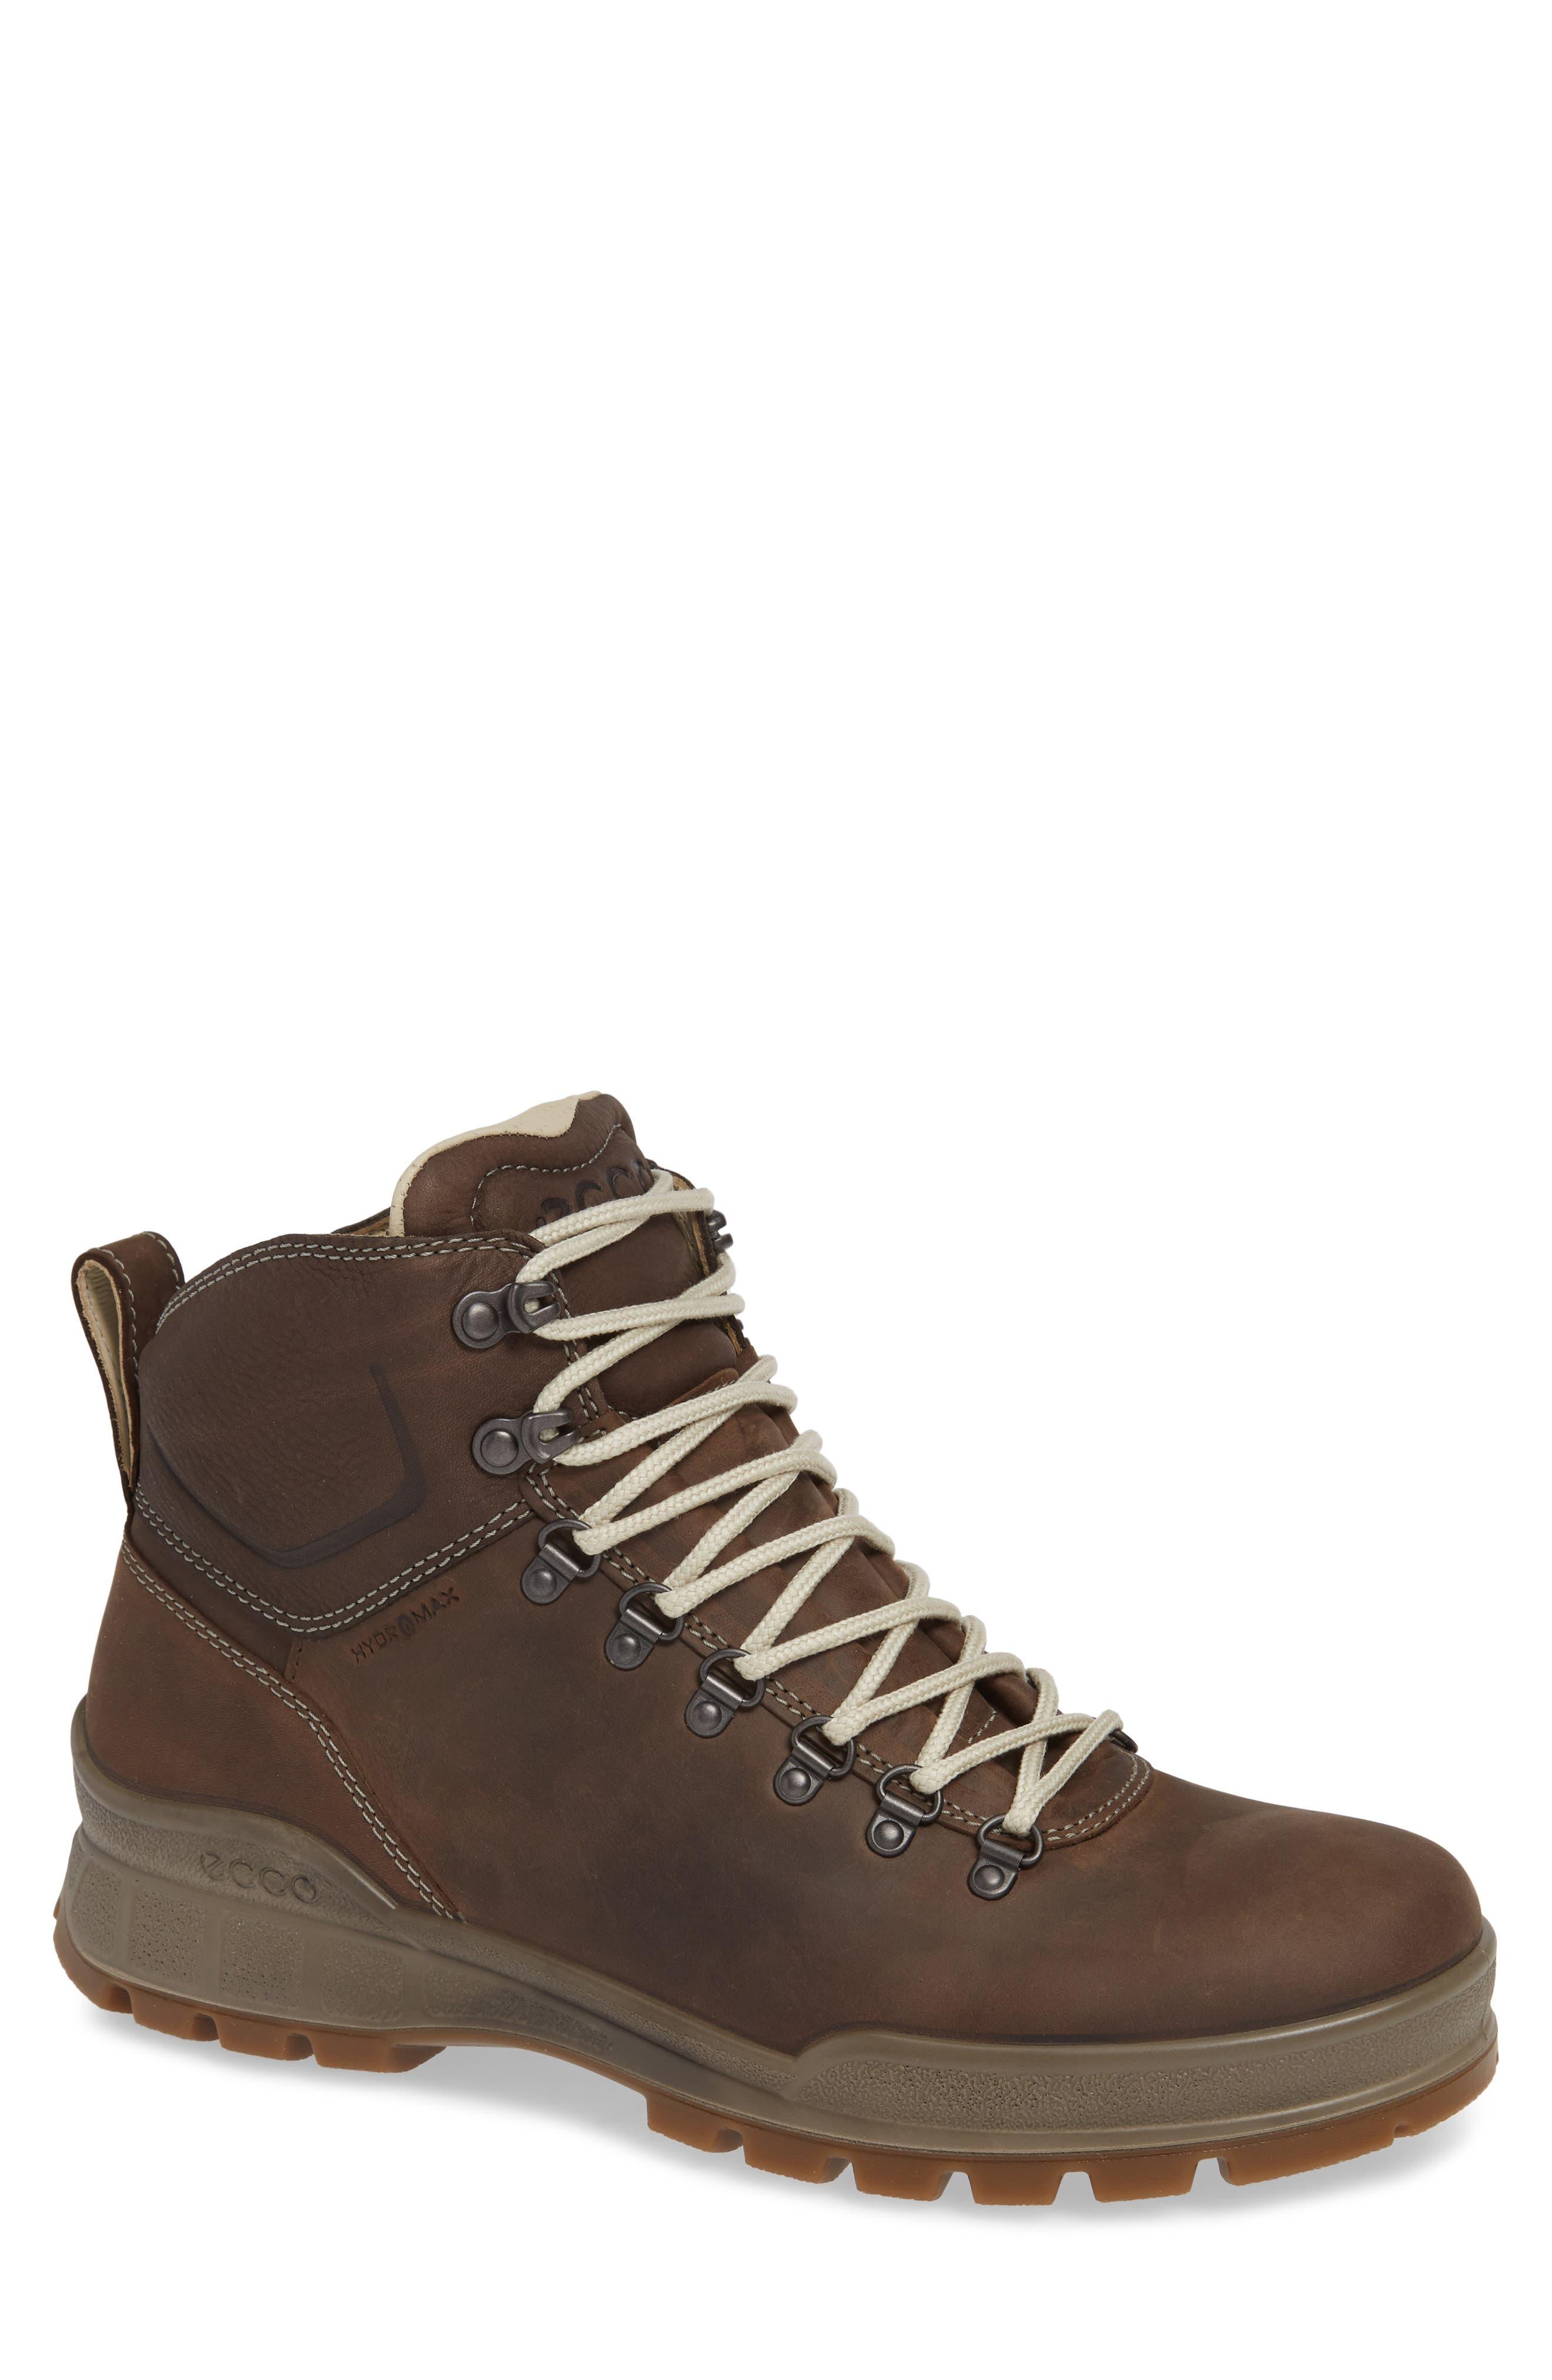 Ecco Track 25 Hyrdomax Boot - Brown